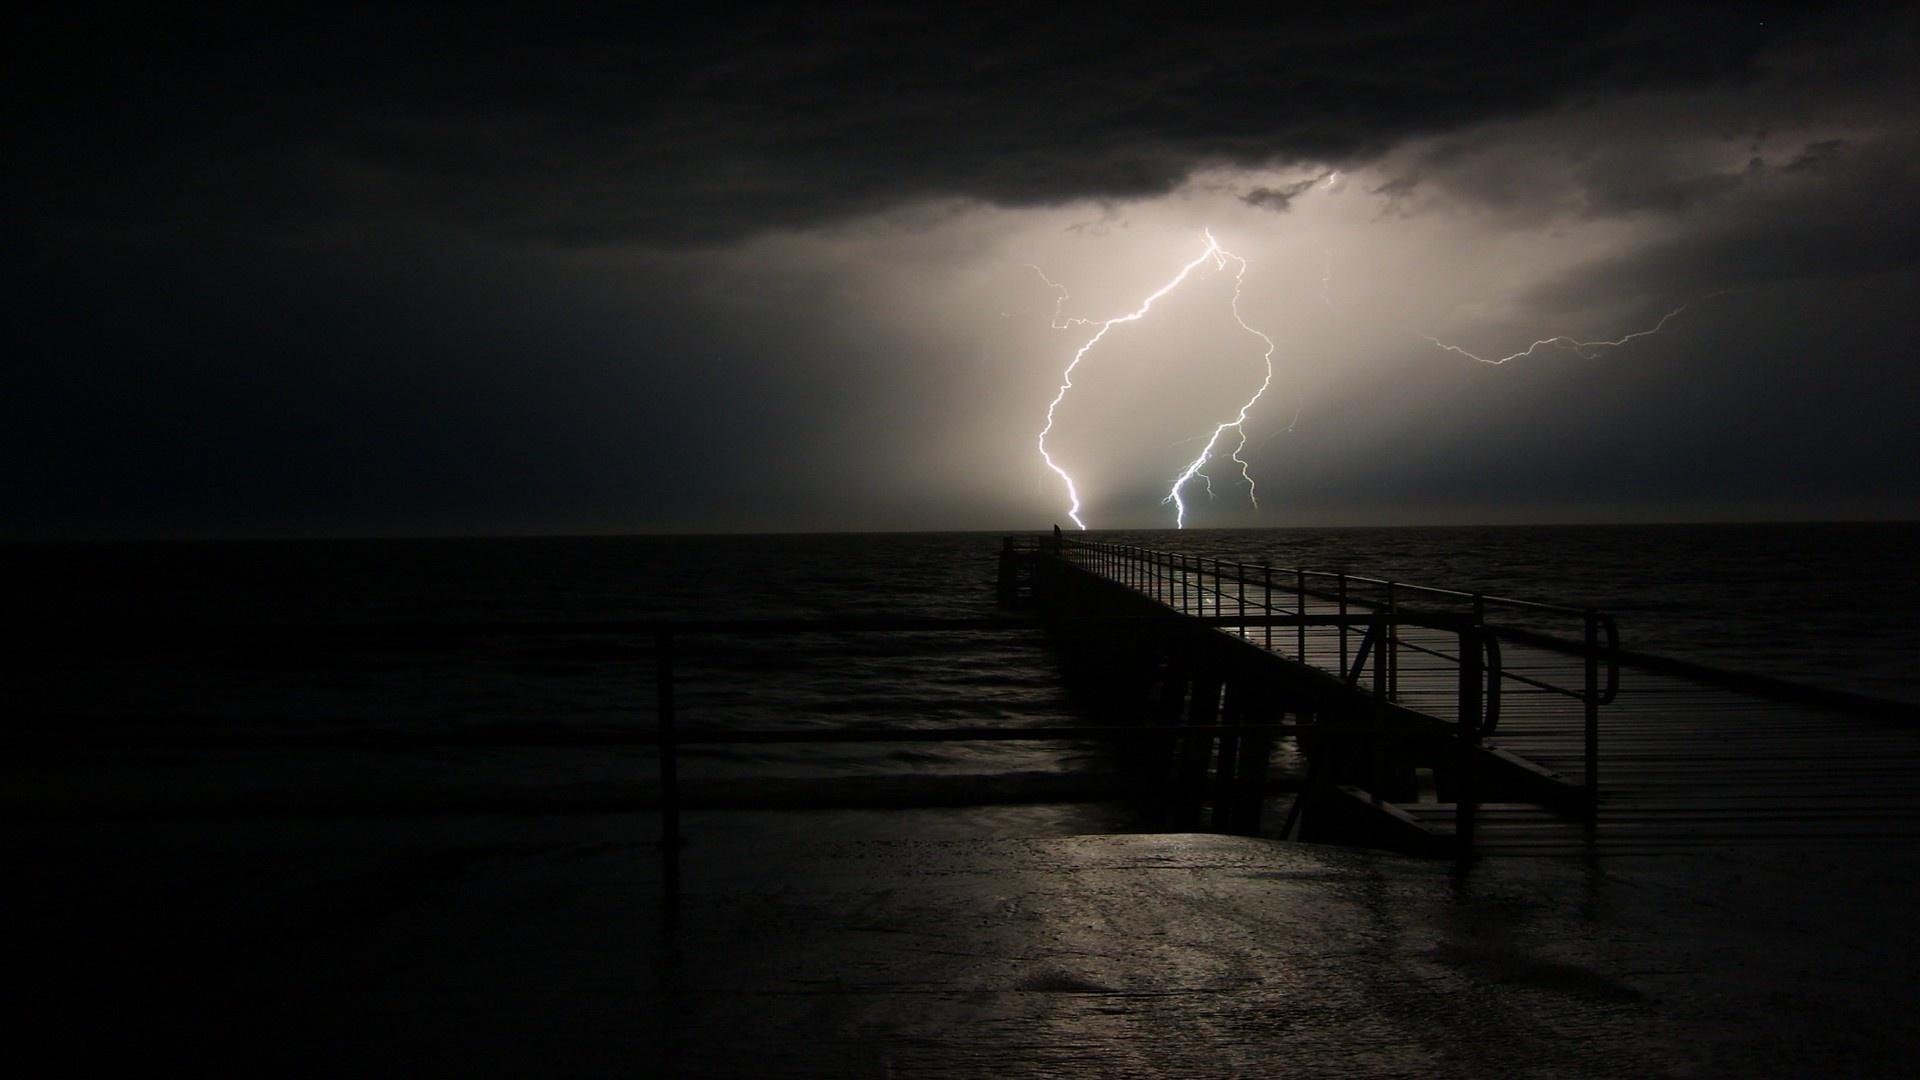 Wallpaper night sea pier lightning Thunderstorm desktop wallpaper 1920x1080